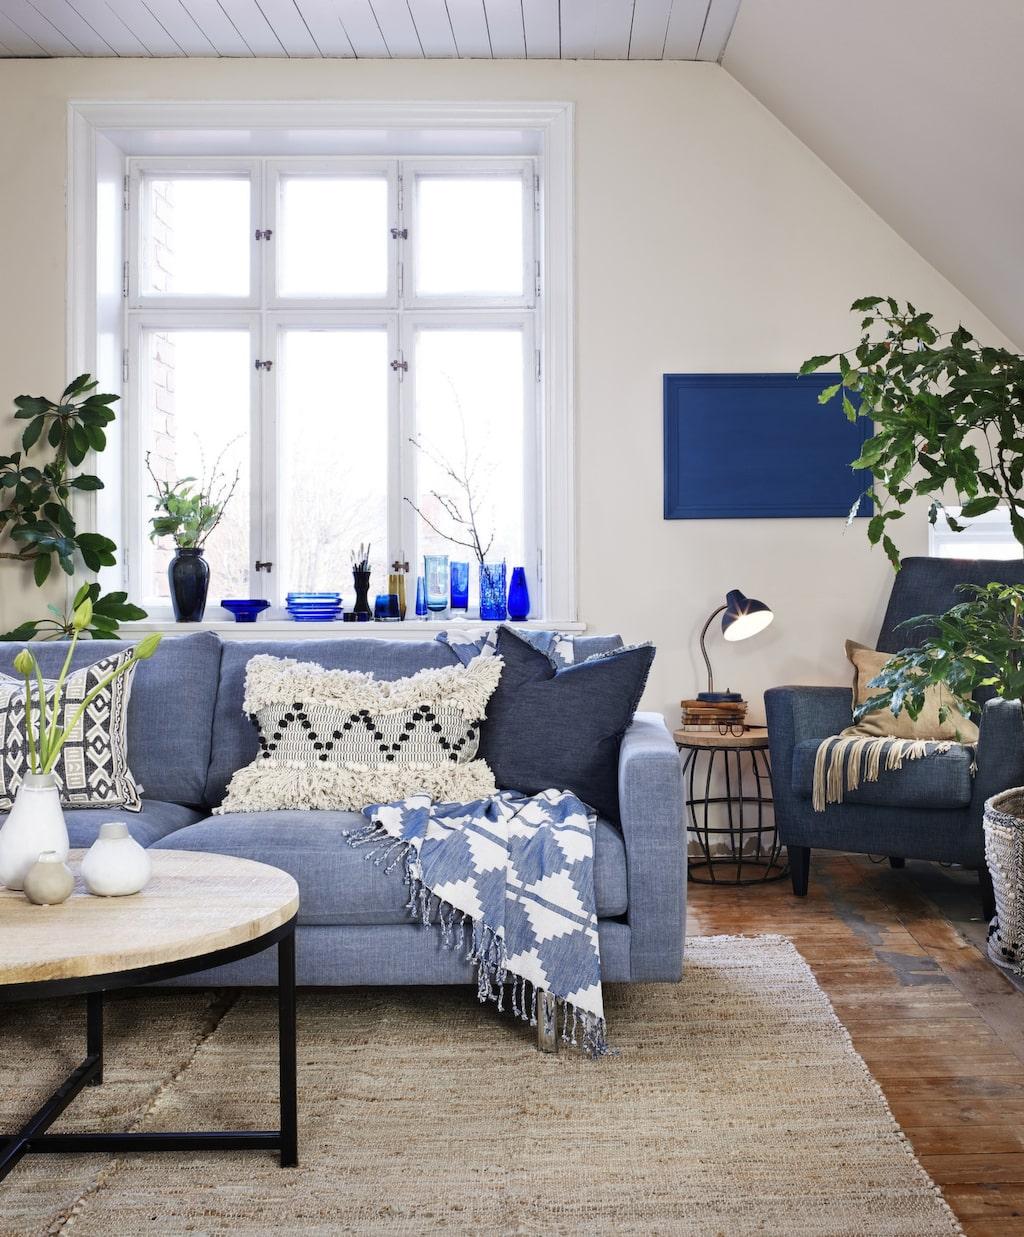 Naturnära! Blått och vitt är en klassisk kombination. Här har vi kombinerat med detaljer i gediget trä, skinn och jute. Dekorera med målade ramar för en personlig stil.